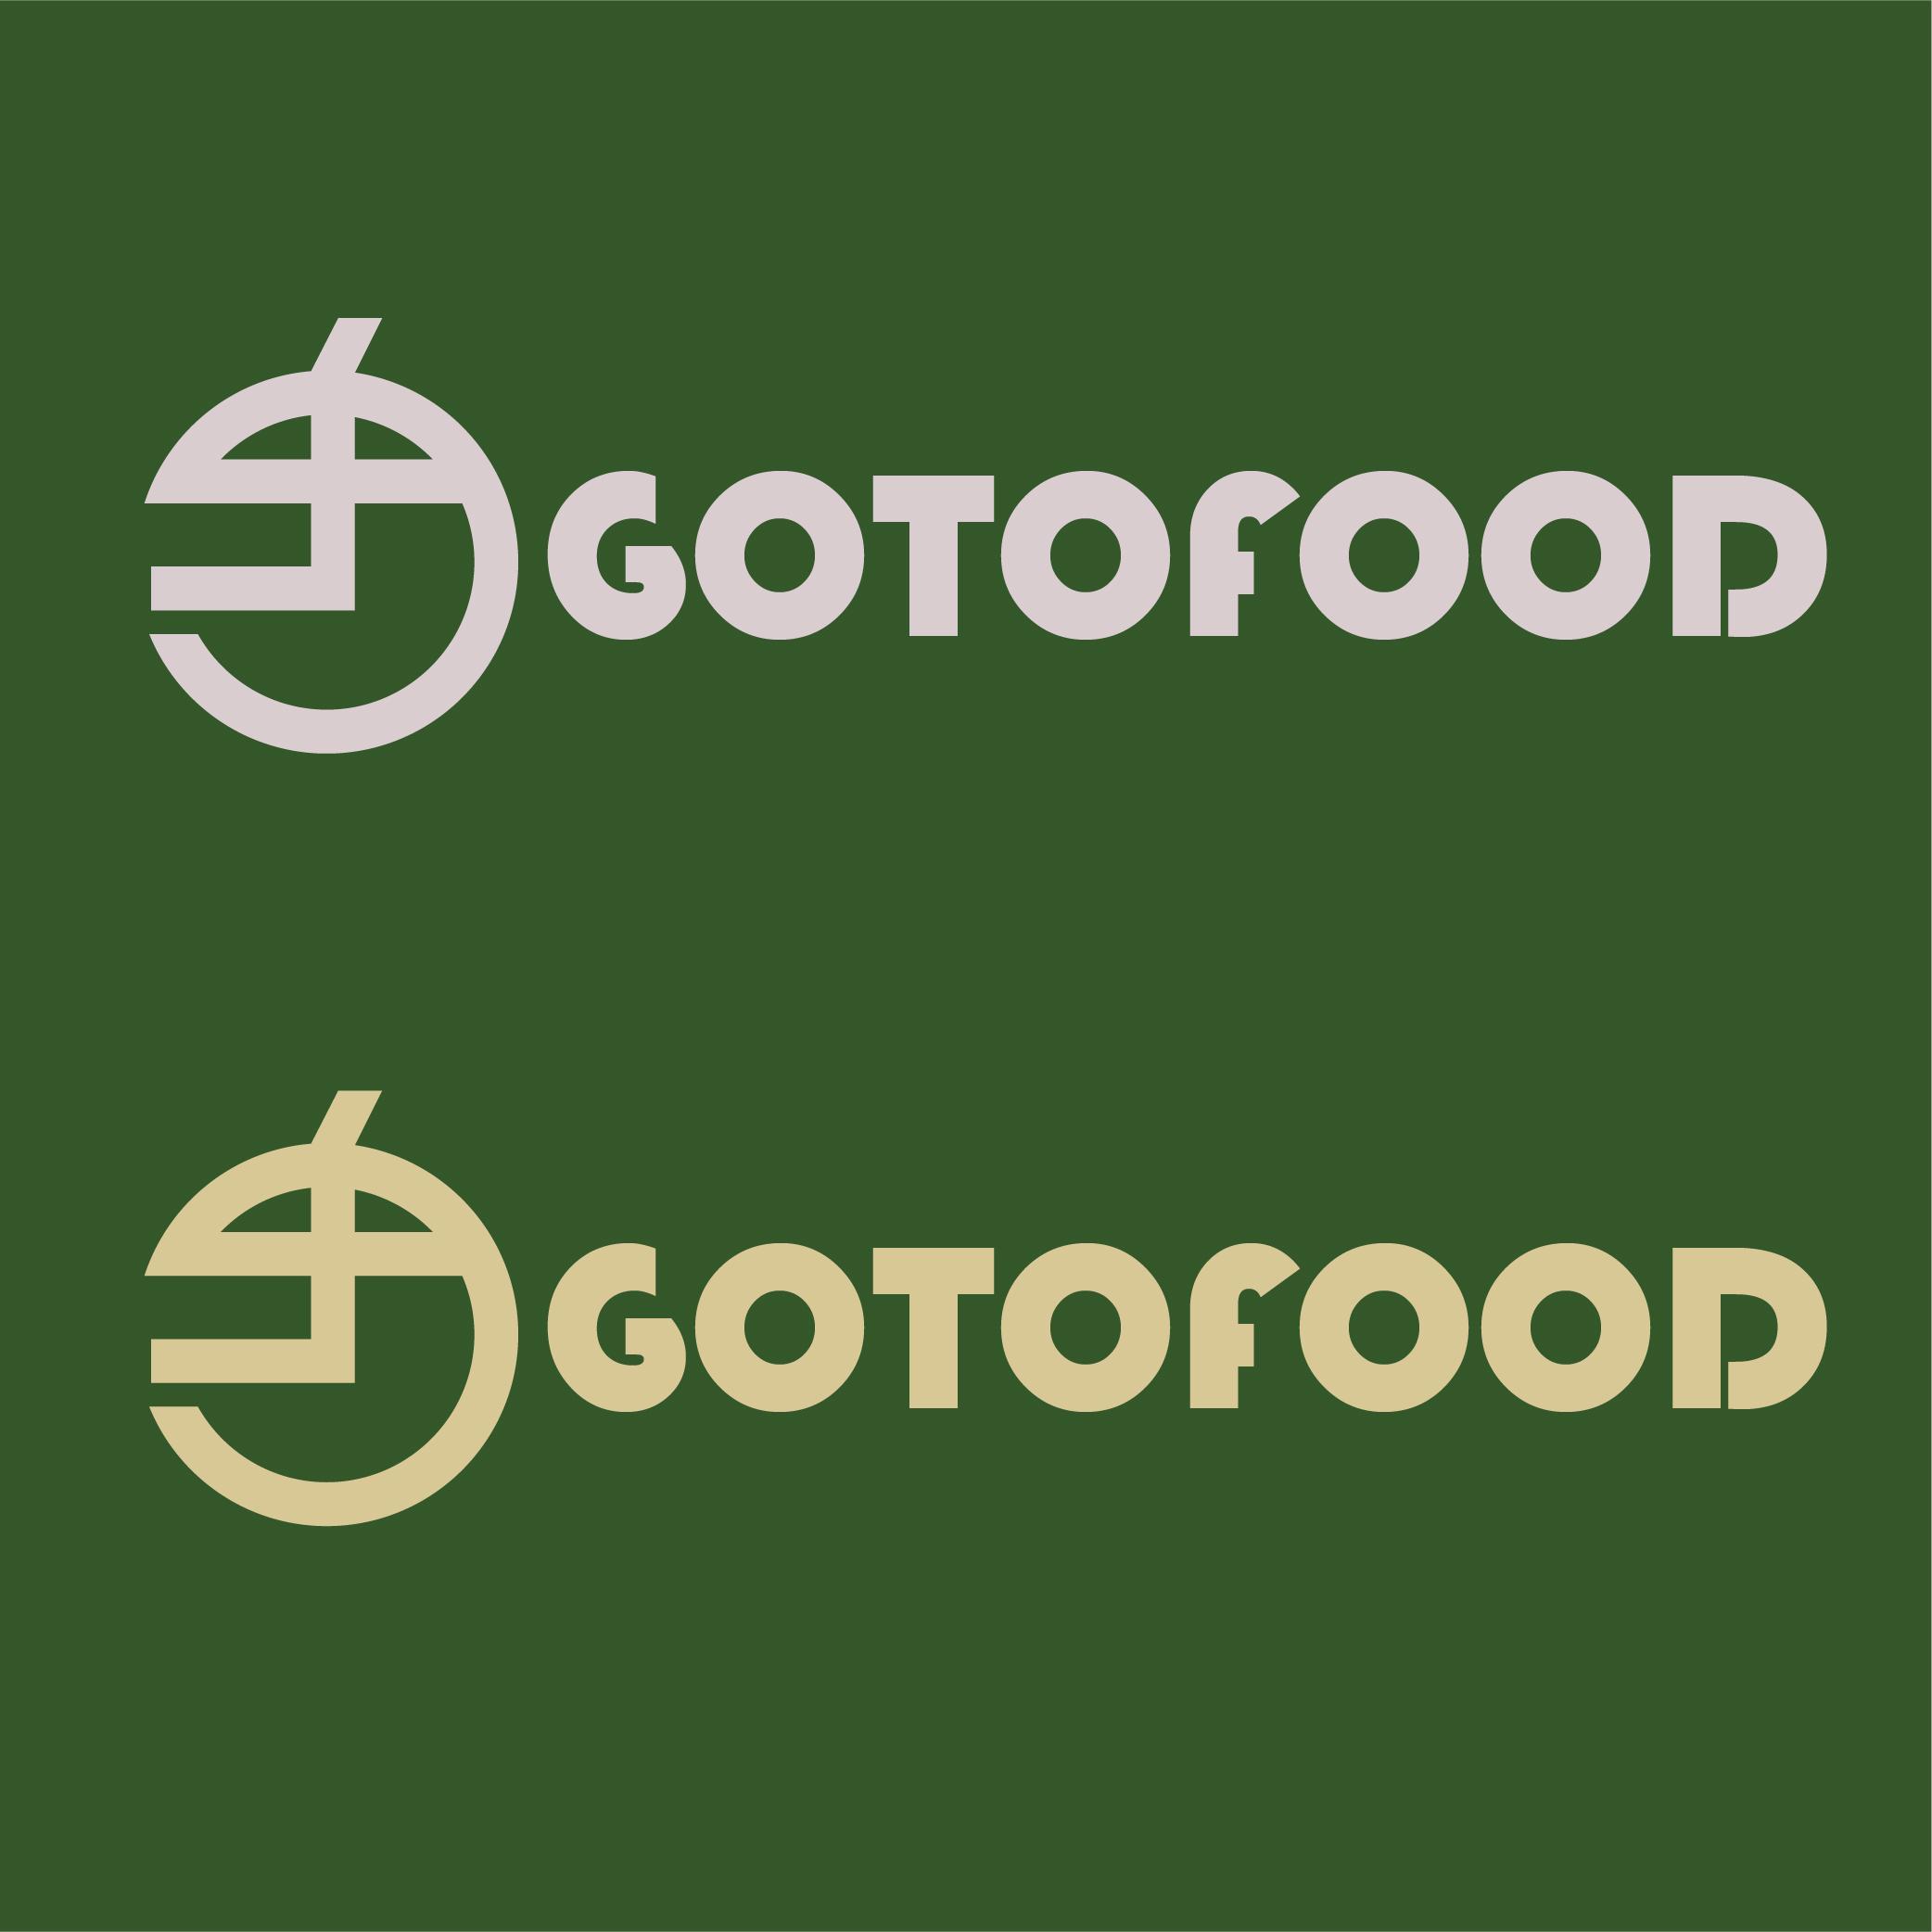 Логотип интернет-магазина здоровой еды фото f_6785cd2a9028f457.jpg